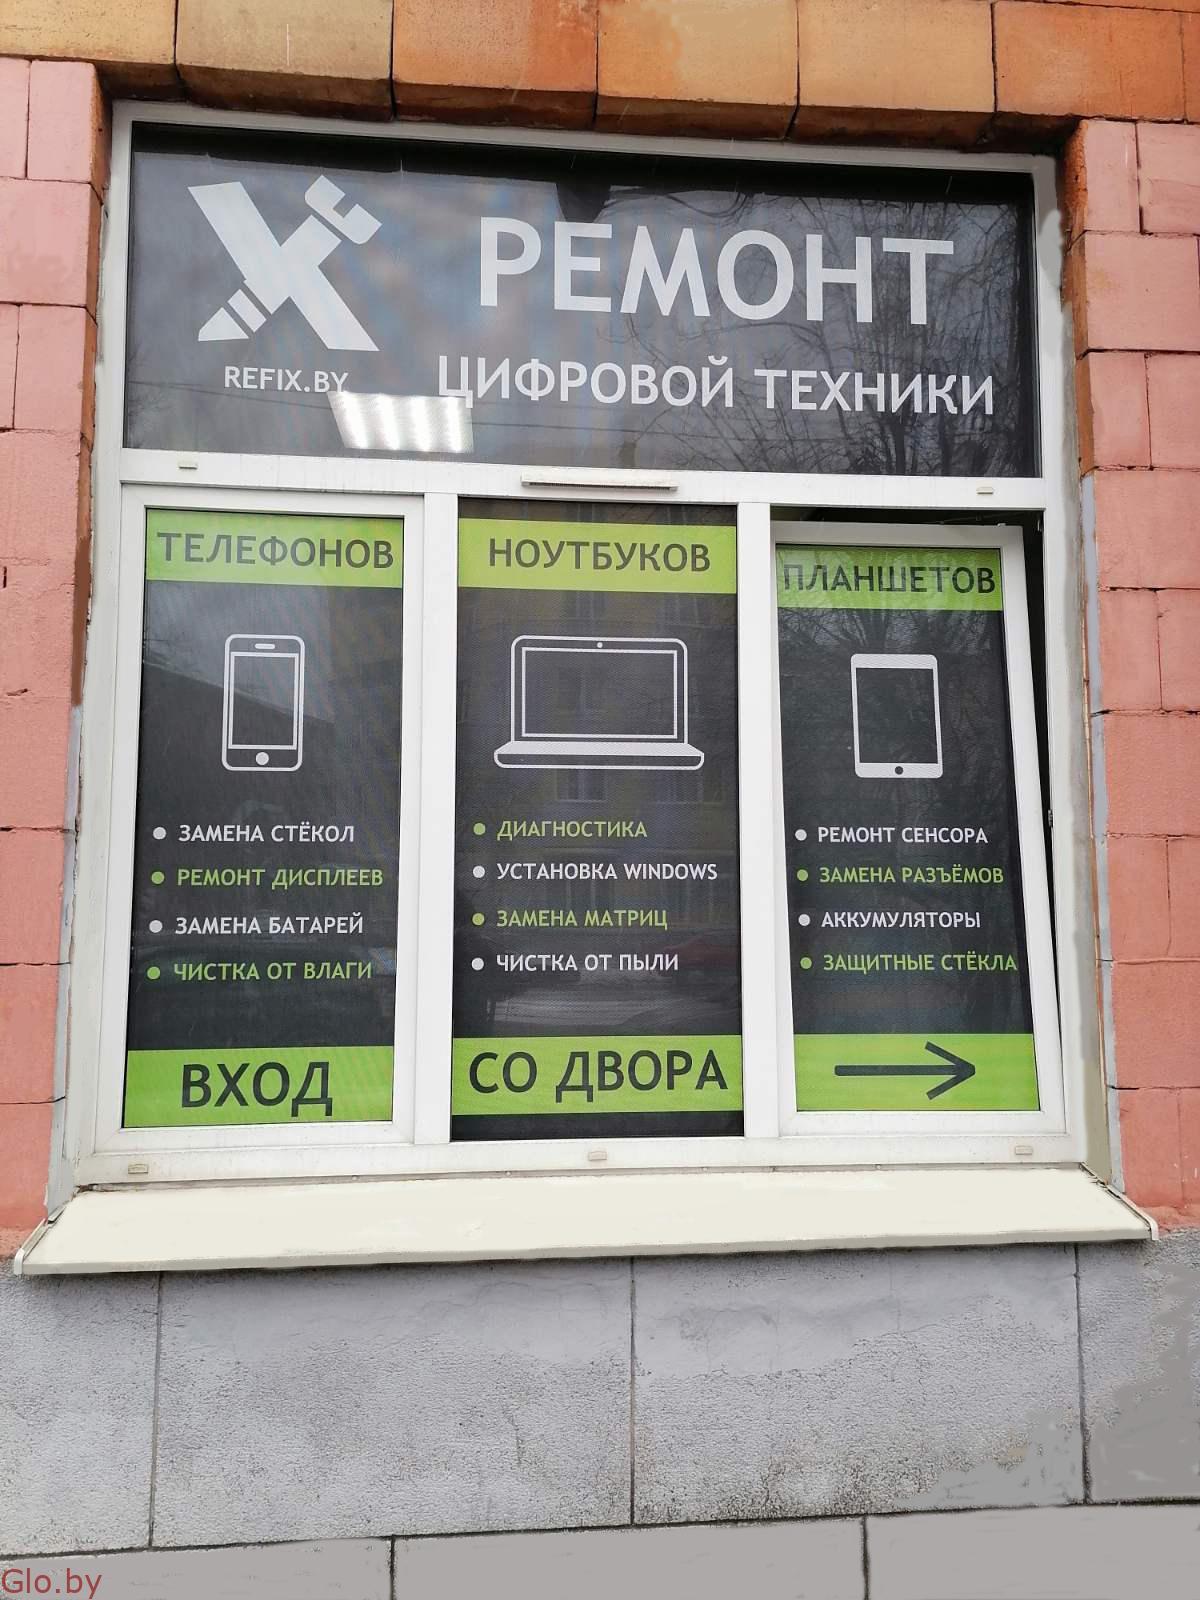 Срочный ремонт телефонов,ноутбуков,планшетов, приставок, квадрокоптеров